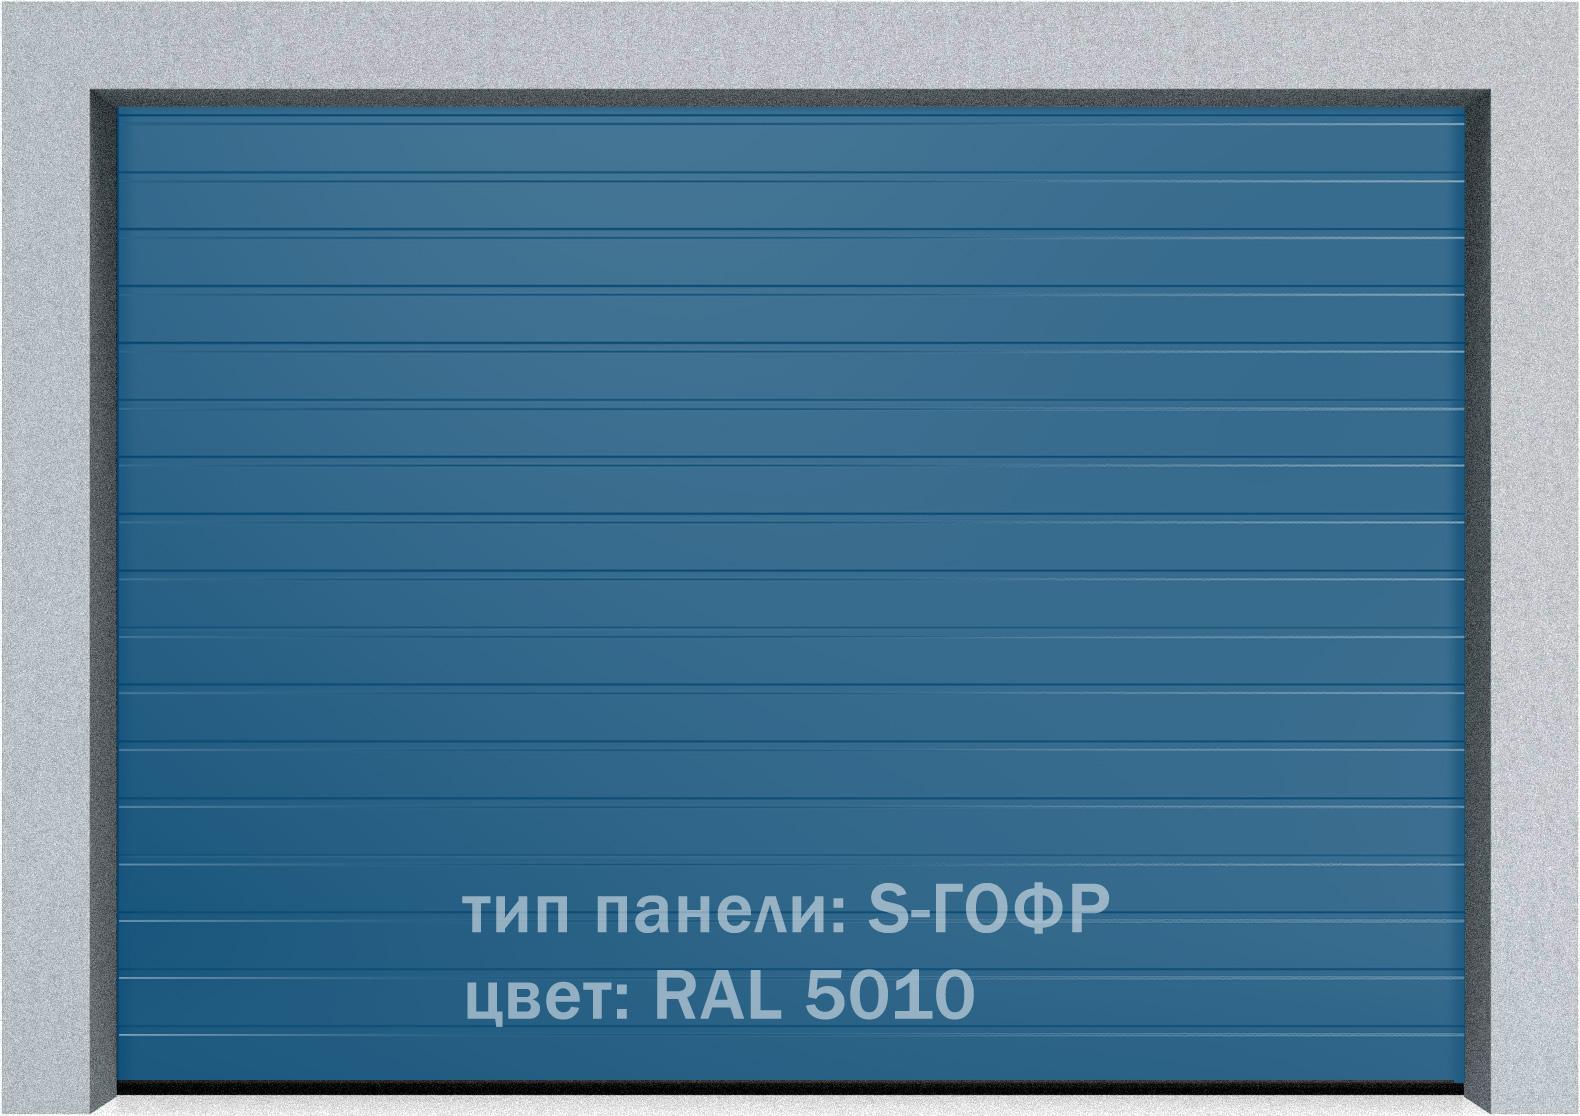 Секционные гаражные ворота Alutech Trend 1875x2250 S-гофр, Микроволна стандартные цвета, пружины растяжения, фото 6